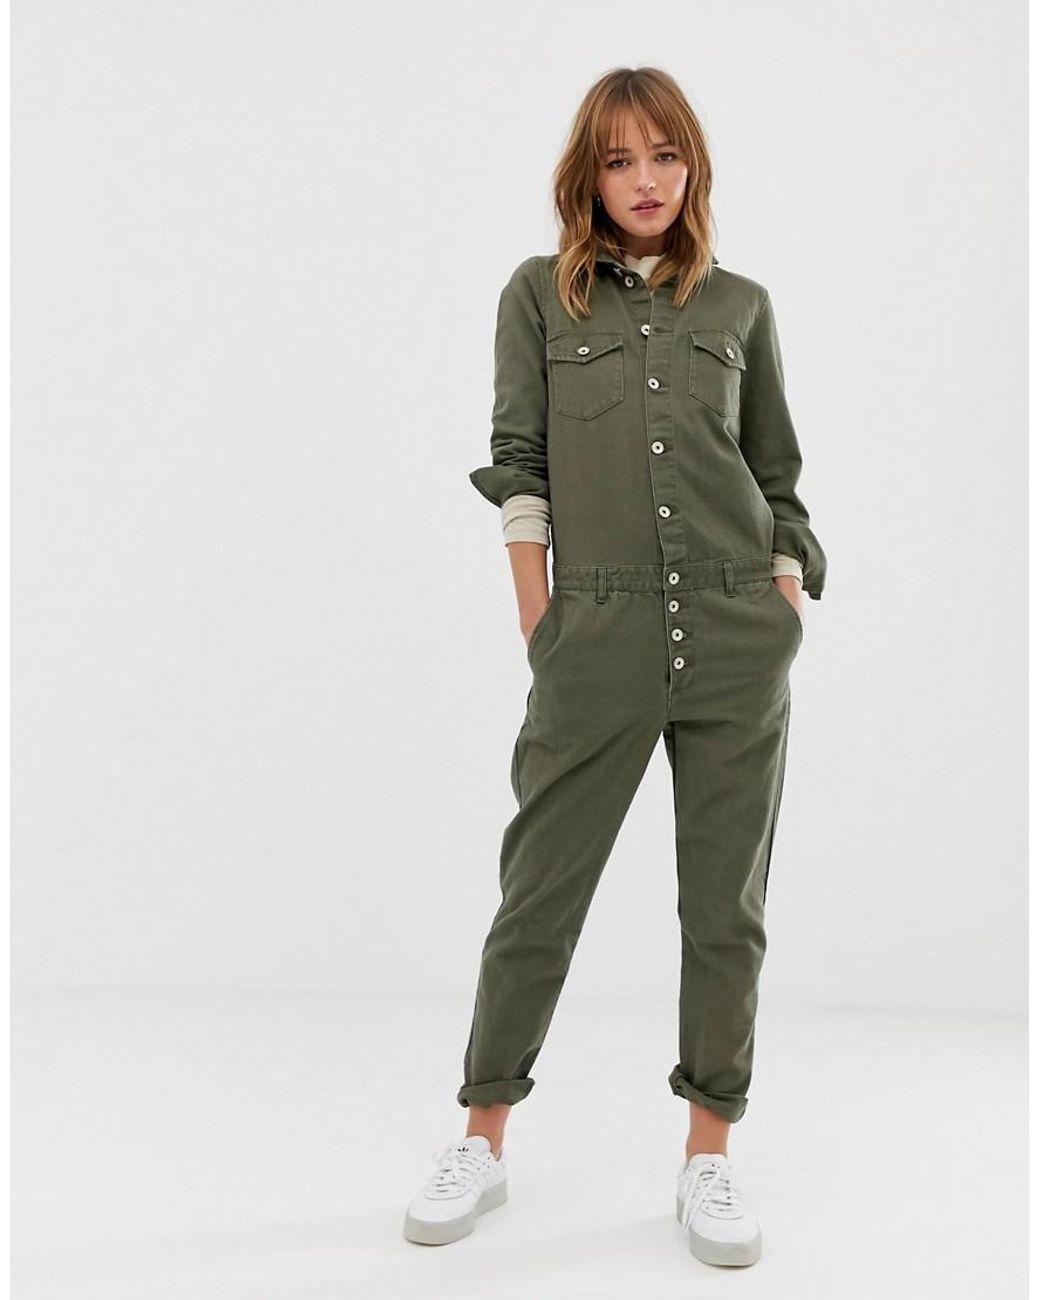 9659baeea88 ONLY Denim Boiler Suit in Green - Lyst